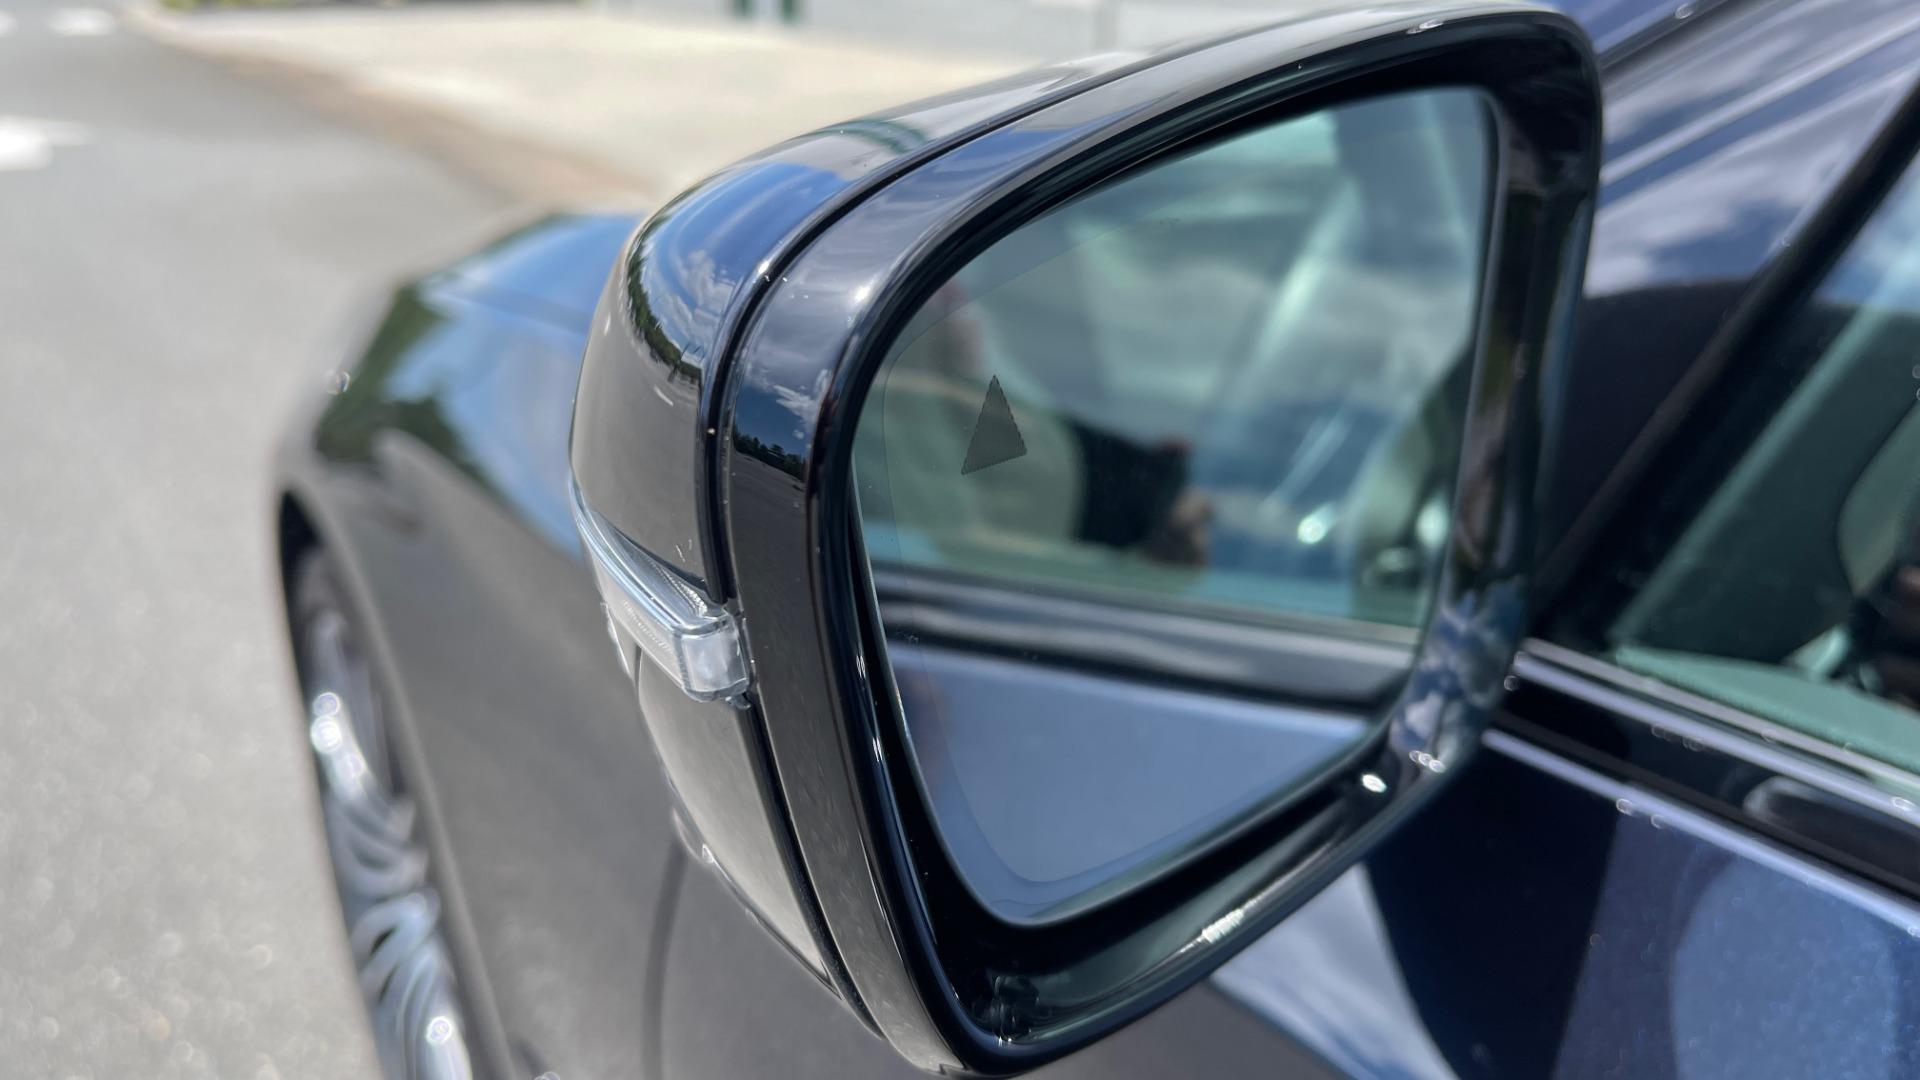 Used 2018 BMW 5 SERIES 540I M-SPORT / EXECUTIVE PKG / DRVR ASST PKG / BLIND SPOT / LANE DEPART for sale $40,995 at Formula Imports in Charlotte NC 28227 8